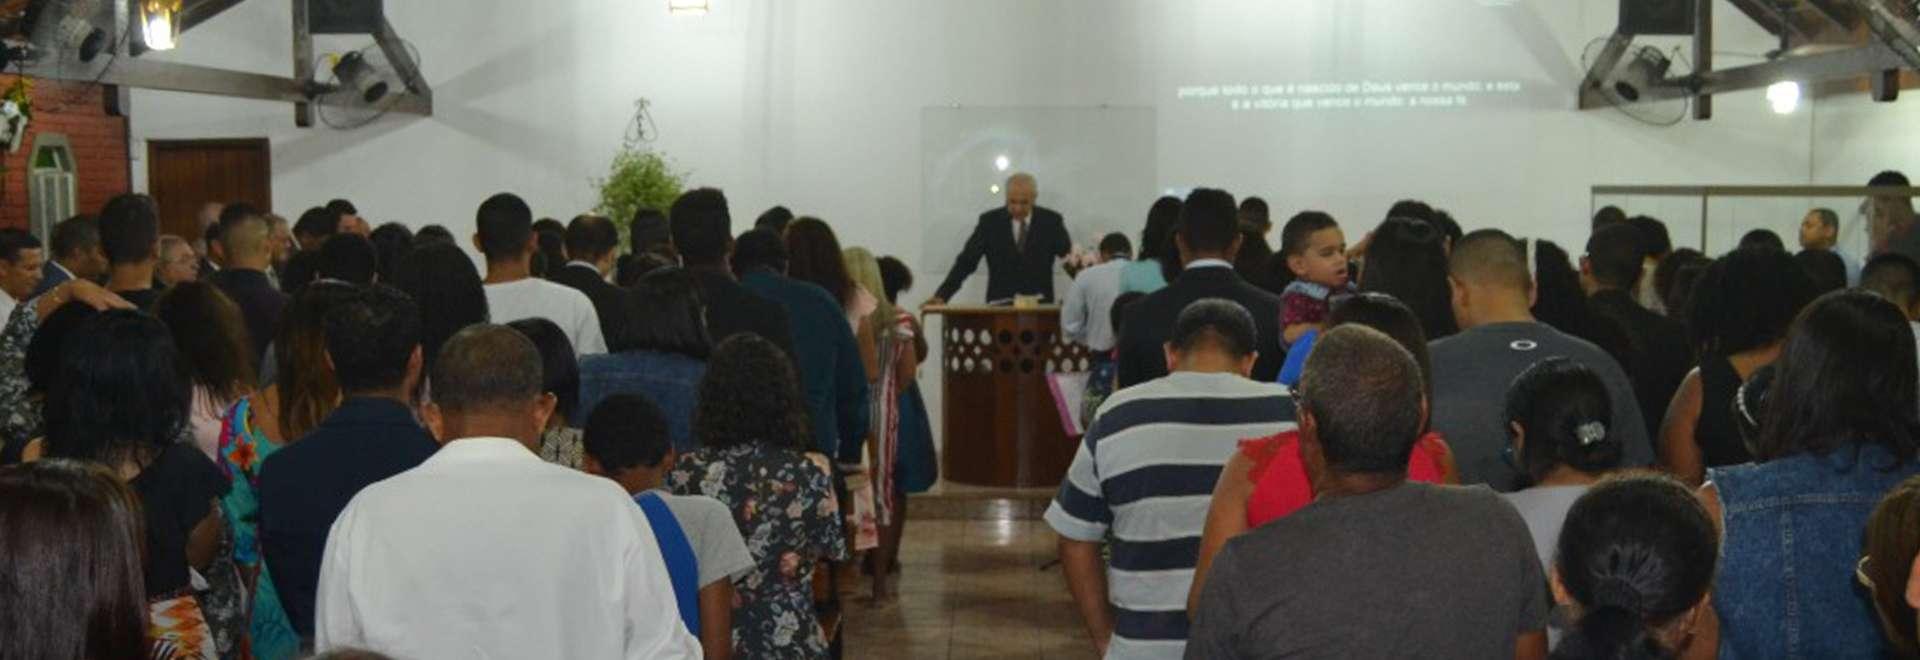 Igreja Cristã Maranata de Terra Vermelha I, em Vila Velha, glorifica a Deus pelos seus 28 anos